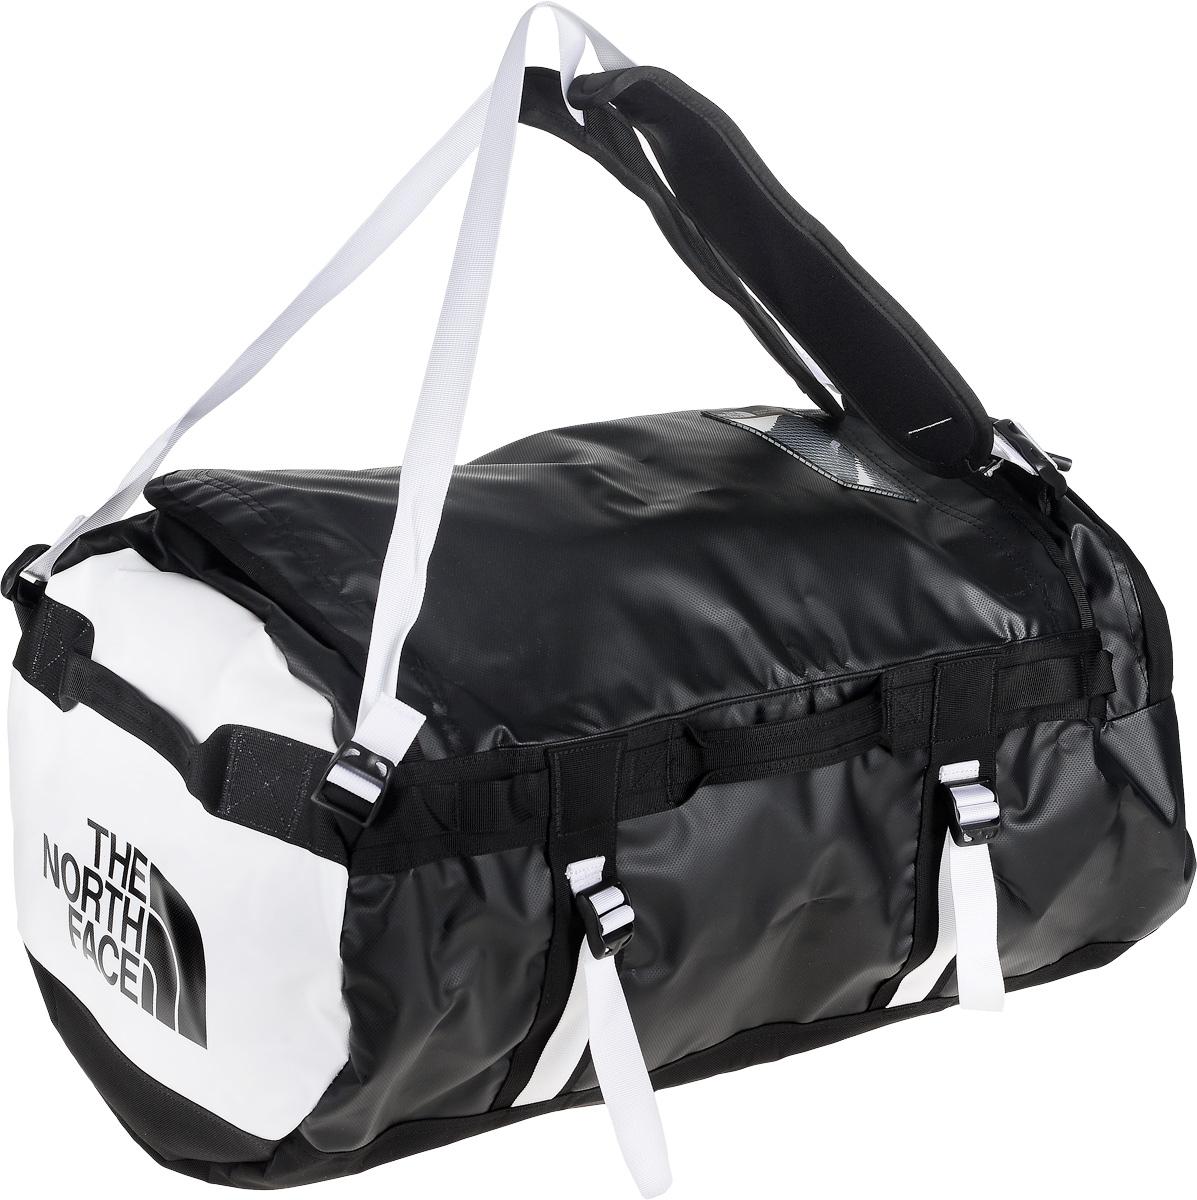 Сумка-рюкзак The North Face, цвет: белый, черный, 71 л. CWW2_ZU3T0CWW2ZU3Удобная экспедиционная сумка-рюкзак The North Face, вместительная модель, которая подойдет на любой жизненный случай. Изготовлена модель из сочетания водонепроницаемого баллистического нейлона и полиэстера с TPE ламинированием. Корпус изделия укреплен поперечными лентами с двойной отстрочкой и по бокам четырьмя лентами для утяжки. Модель имеет улучшенные эргономичные плечевые лямки, новые укрепленные боковые ручки, которые позволяют с удобством переносить или тащить тяжелые грузы. Основное отделение сумки застегивается на U-образную молнию с защитой от влаги. Также изделие оснащено дополнительным боковым карманом на молнии. Верхняя крышка сумки дополнена небольшим отделением для бейджа с персональными данными, а с внутренней стороны имеет карман на молнии из сетчатой ткани. Оформлена модель износостойким принтом с логотипом бренда.